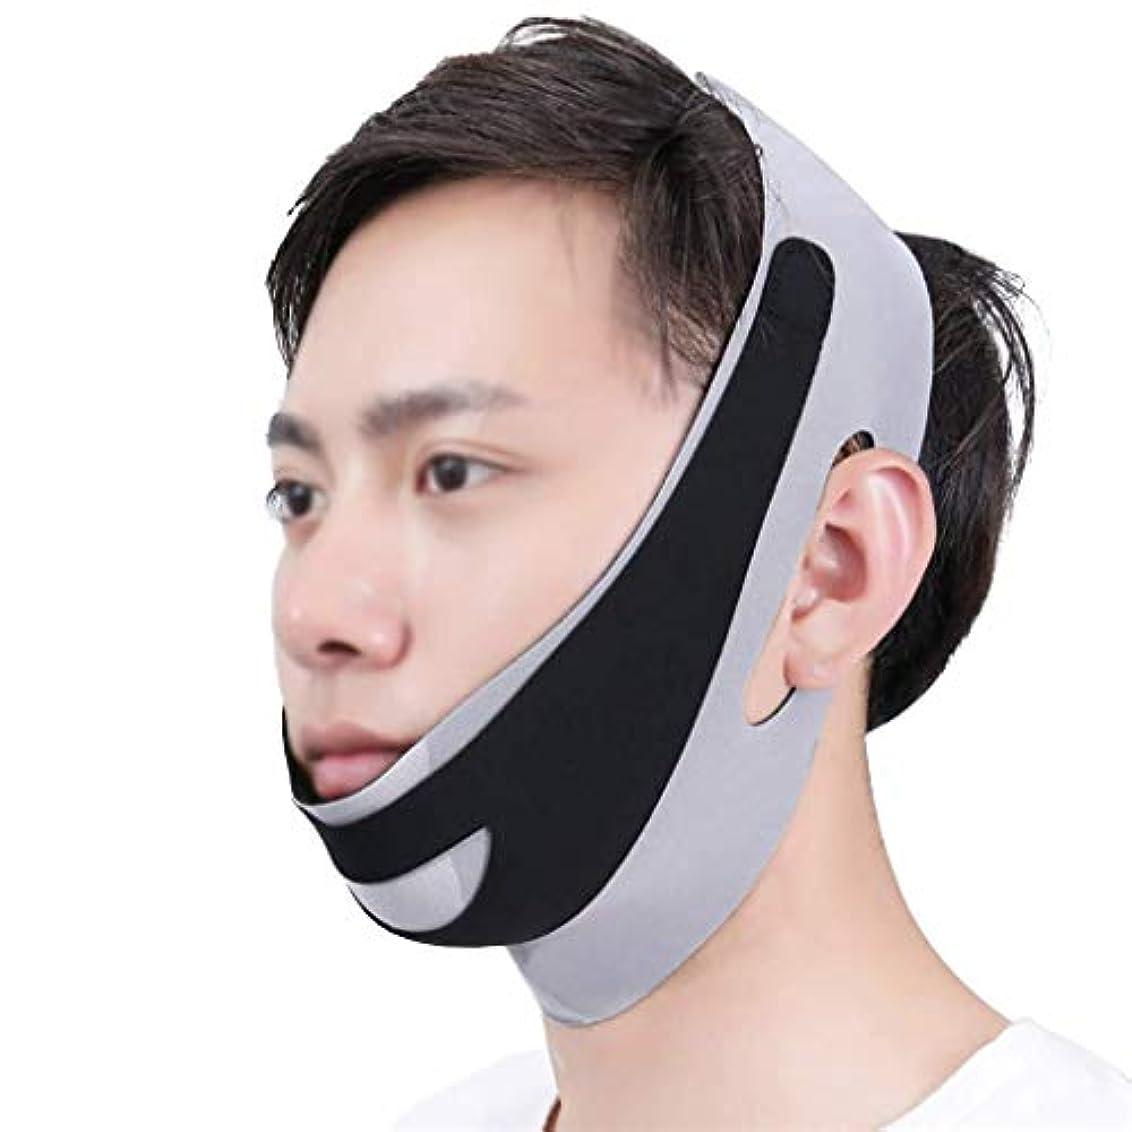 地下室チャネル不当顔と首のリフト術後の弾性フェイスマスク小さなV顔アーティファクト薄い顔包帯アーティファクトV顔ぶら下げ耳リフティング引き締め男性の顔アーティファクト